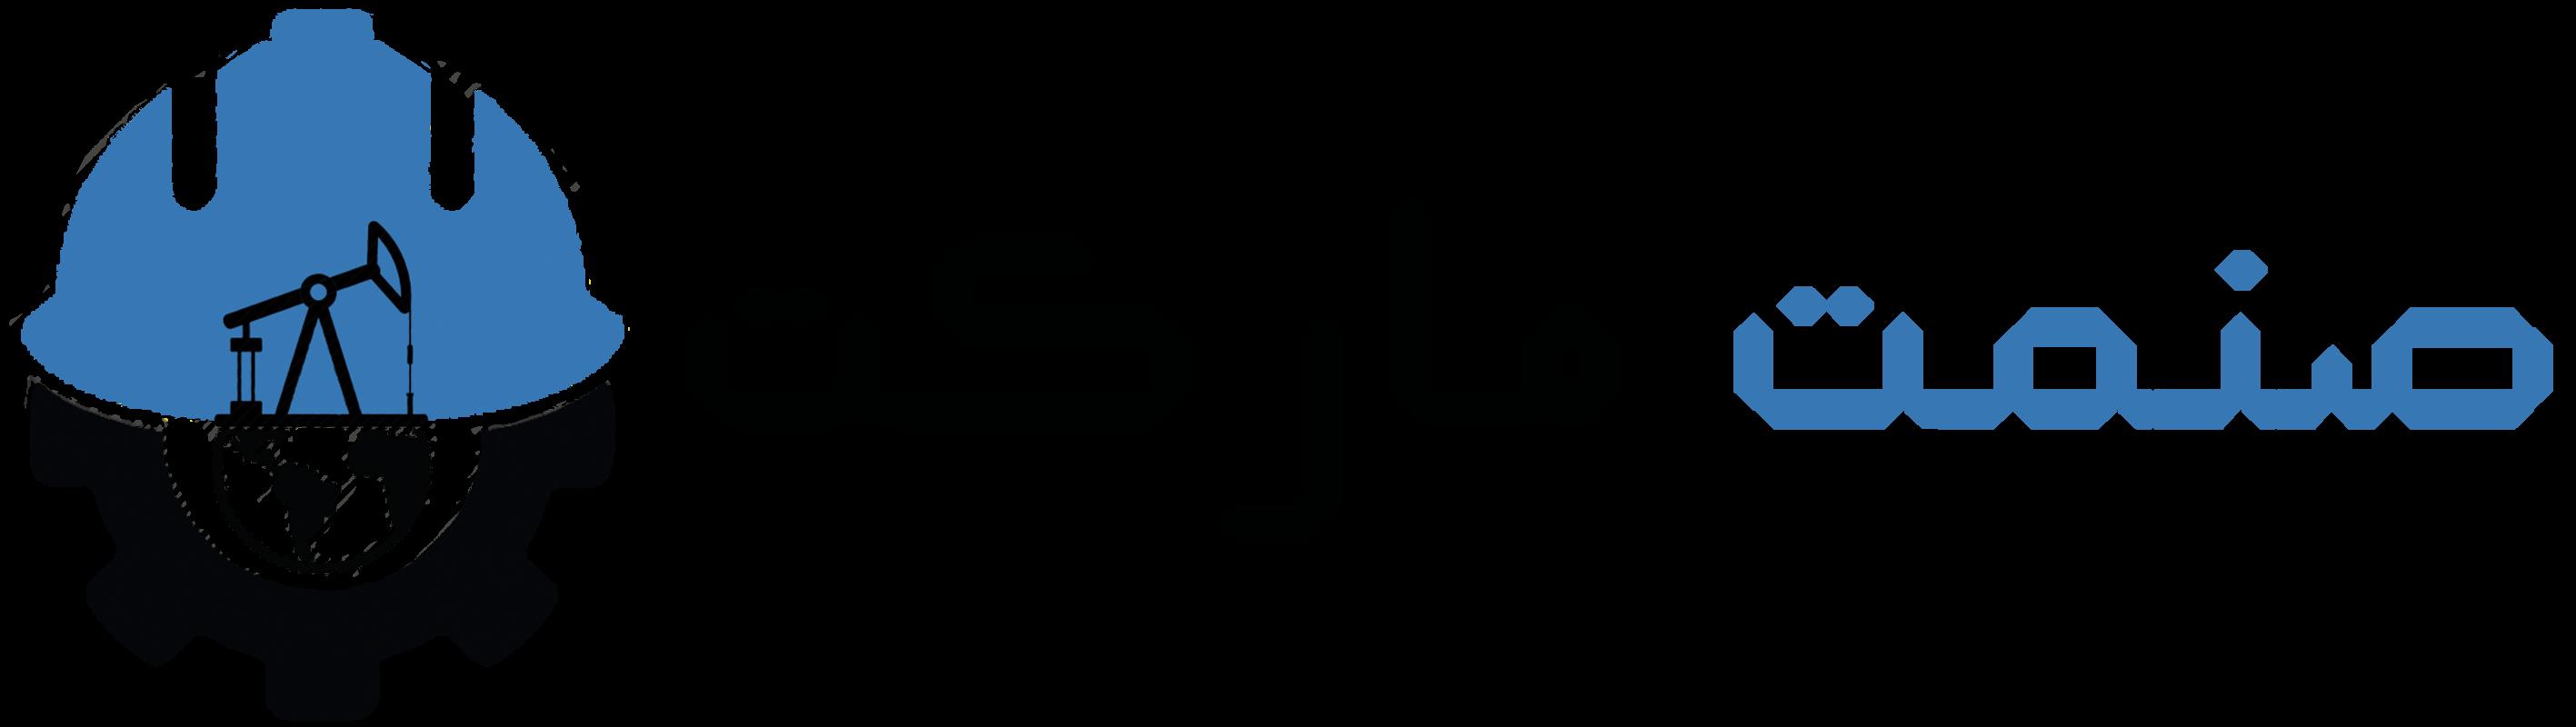 لوگو صنعت مارکت صفحه اصلی